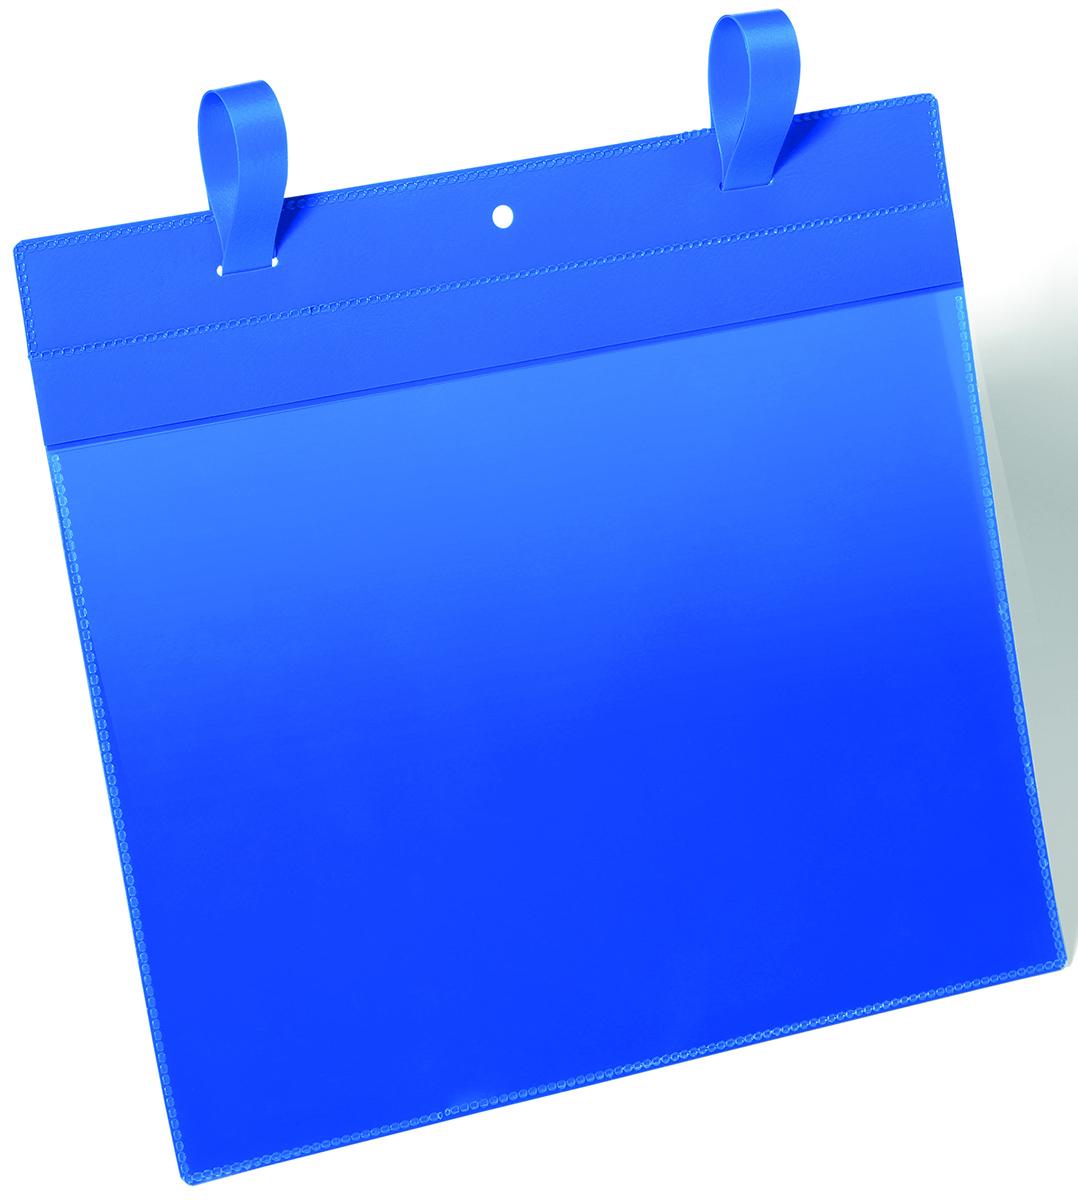 Durable Карман с ремешком-застежкой цвет синий 1751-071751-07Карман с ремешком-застежкой. Отлично подходит для использования в складских помещениях и торговых центрах. Благодаря специальному клапану, защищающему вкладыш от осадков и пыли, может использоваться на улице. Надежно фиксируется на транспортных контейнерах с обрешеткой. Даже при резких движениях карман остается на своем месте. Синяя подложка и прозрачное окошко выполнены из износостойкого полипропилена. Не бликует, что удобно для сканирования, не вынимая документ. Быстрая и удобная замена вкладыша. Для оформления вкладыша воспользуйтесь бесплатной программой DURAPRINTВнутренние размеры: A4 горизонтальныйВнешние размеры: 311 x 448 мм (Ш x В)Упаковка: 50 шт.